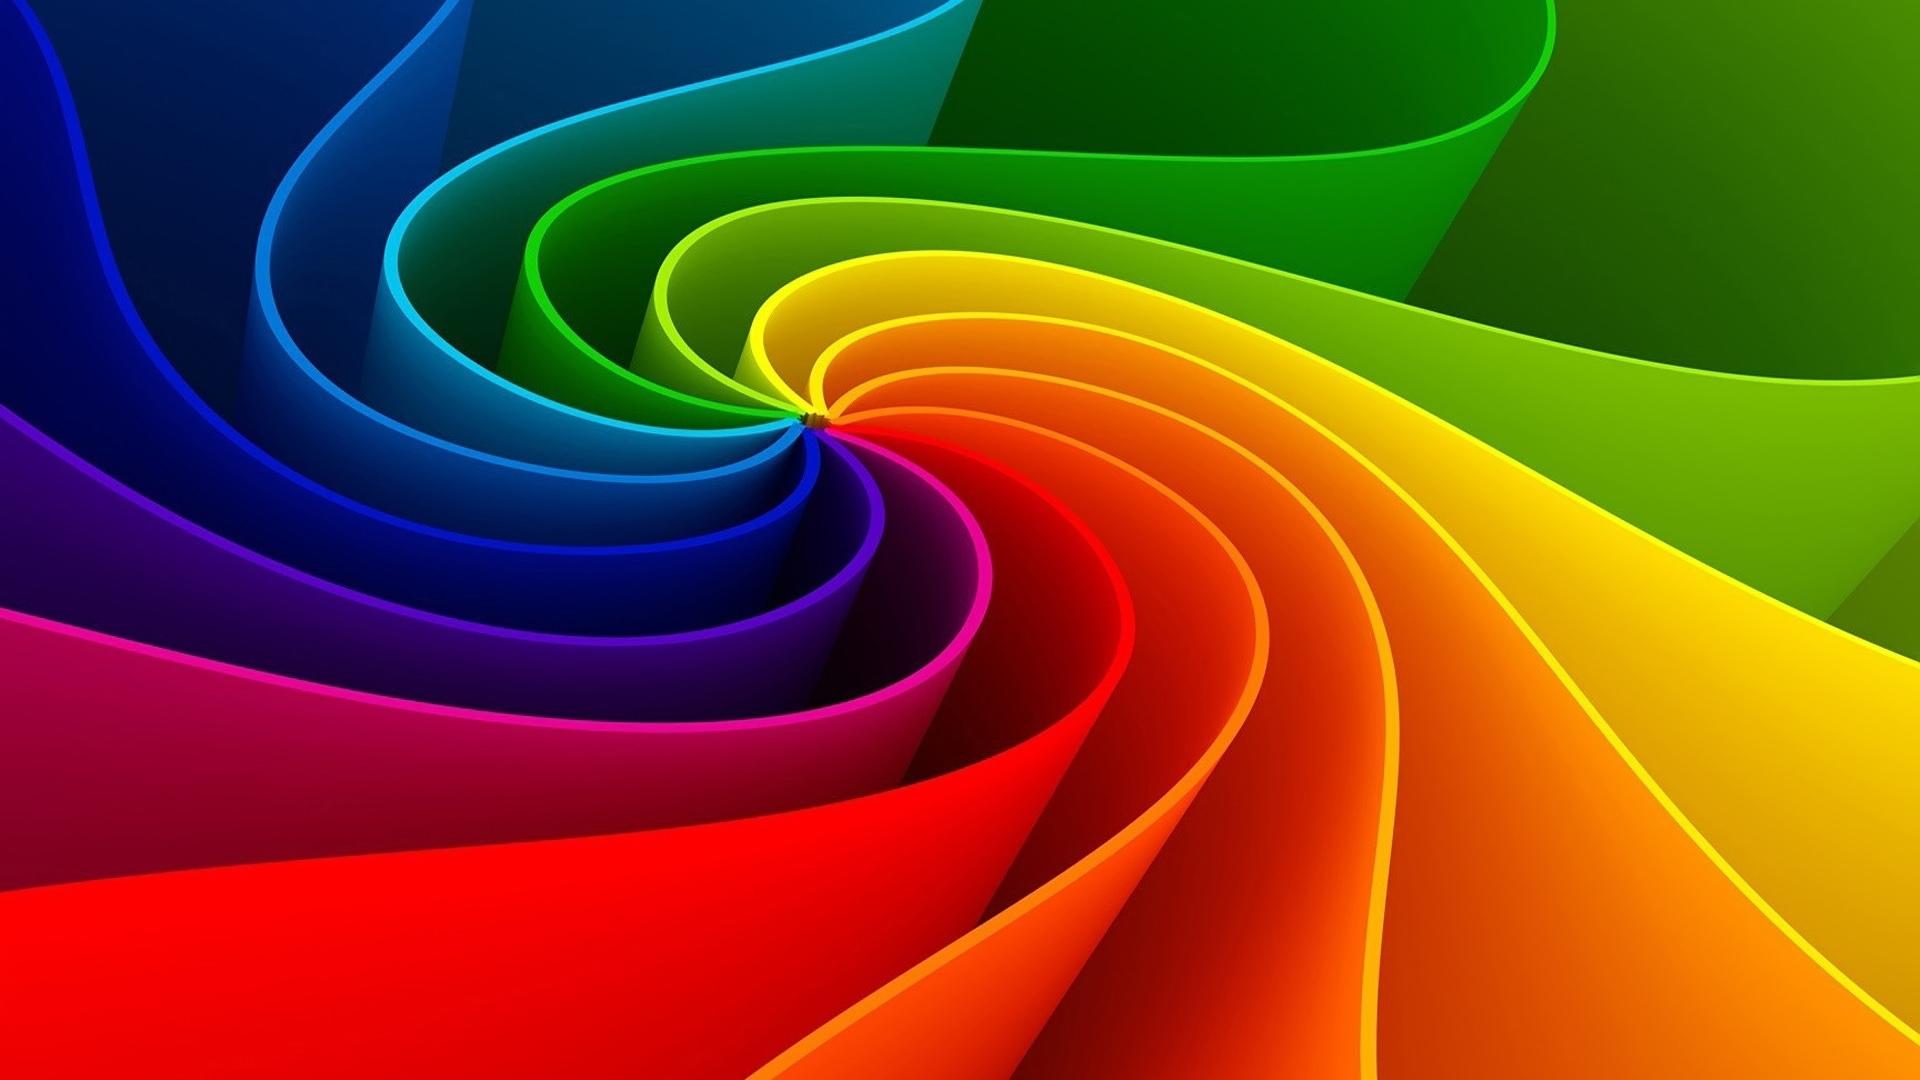 линии, полоски, цвета